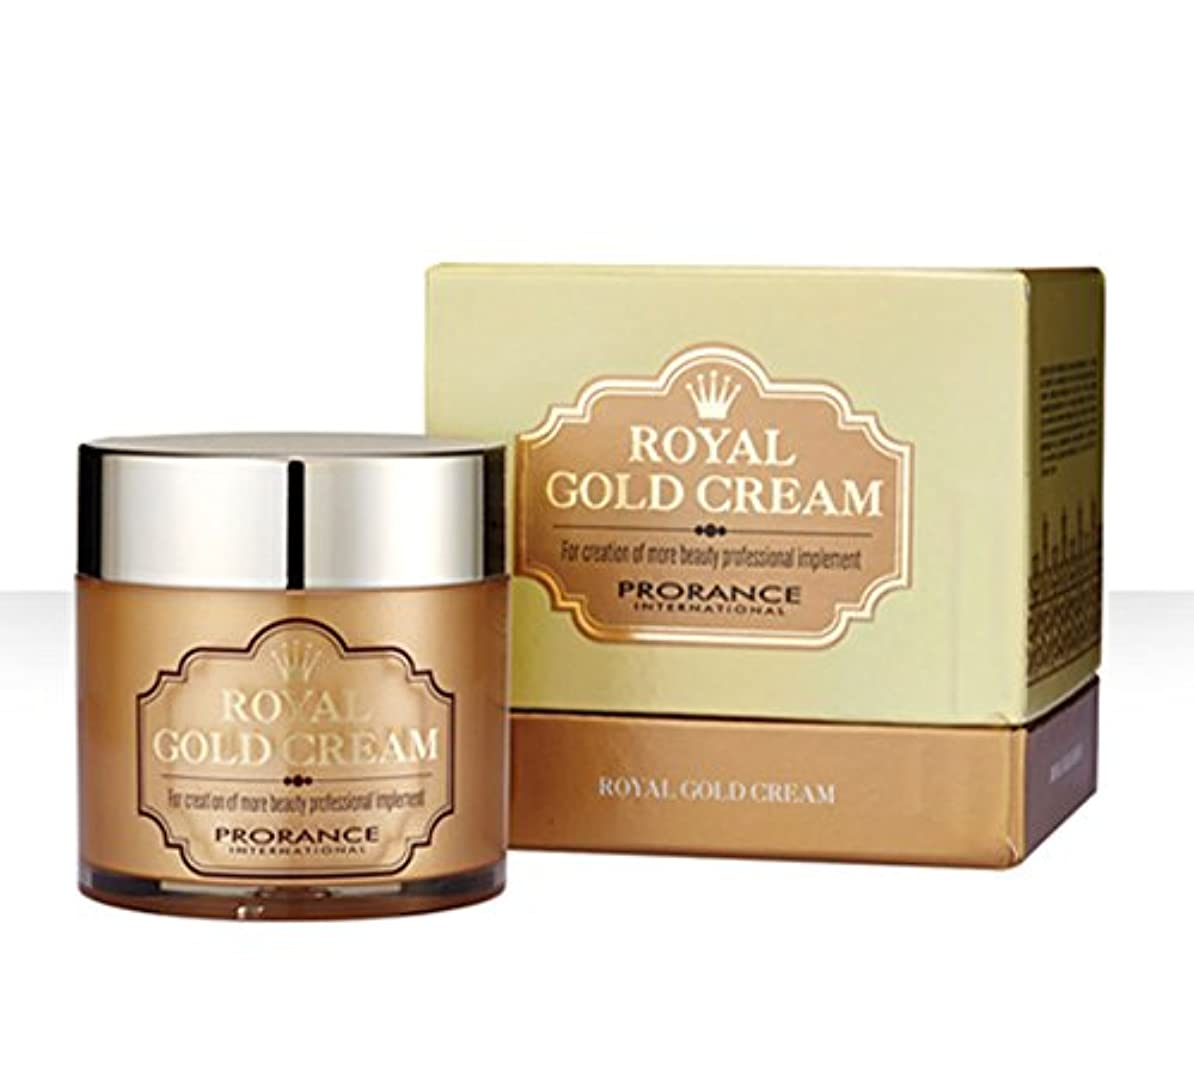 ミスシールワイヤー[PRORANCE] ロイヤルゴールドクリーム70ml /保湿?美白/純金(純度99.9%)/韓国化粧品/ Royal Gold Cream 70ml/moisturizing,whitening/pure gold(99.9% purity)/Korean Cosmetics [並行輸入品]